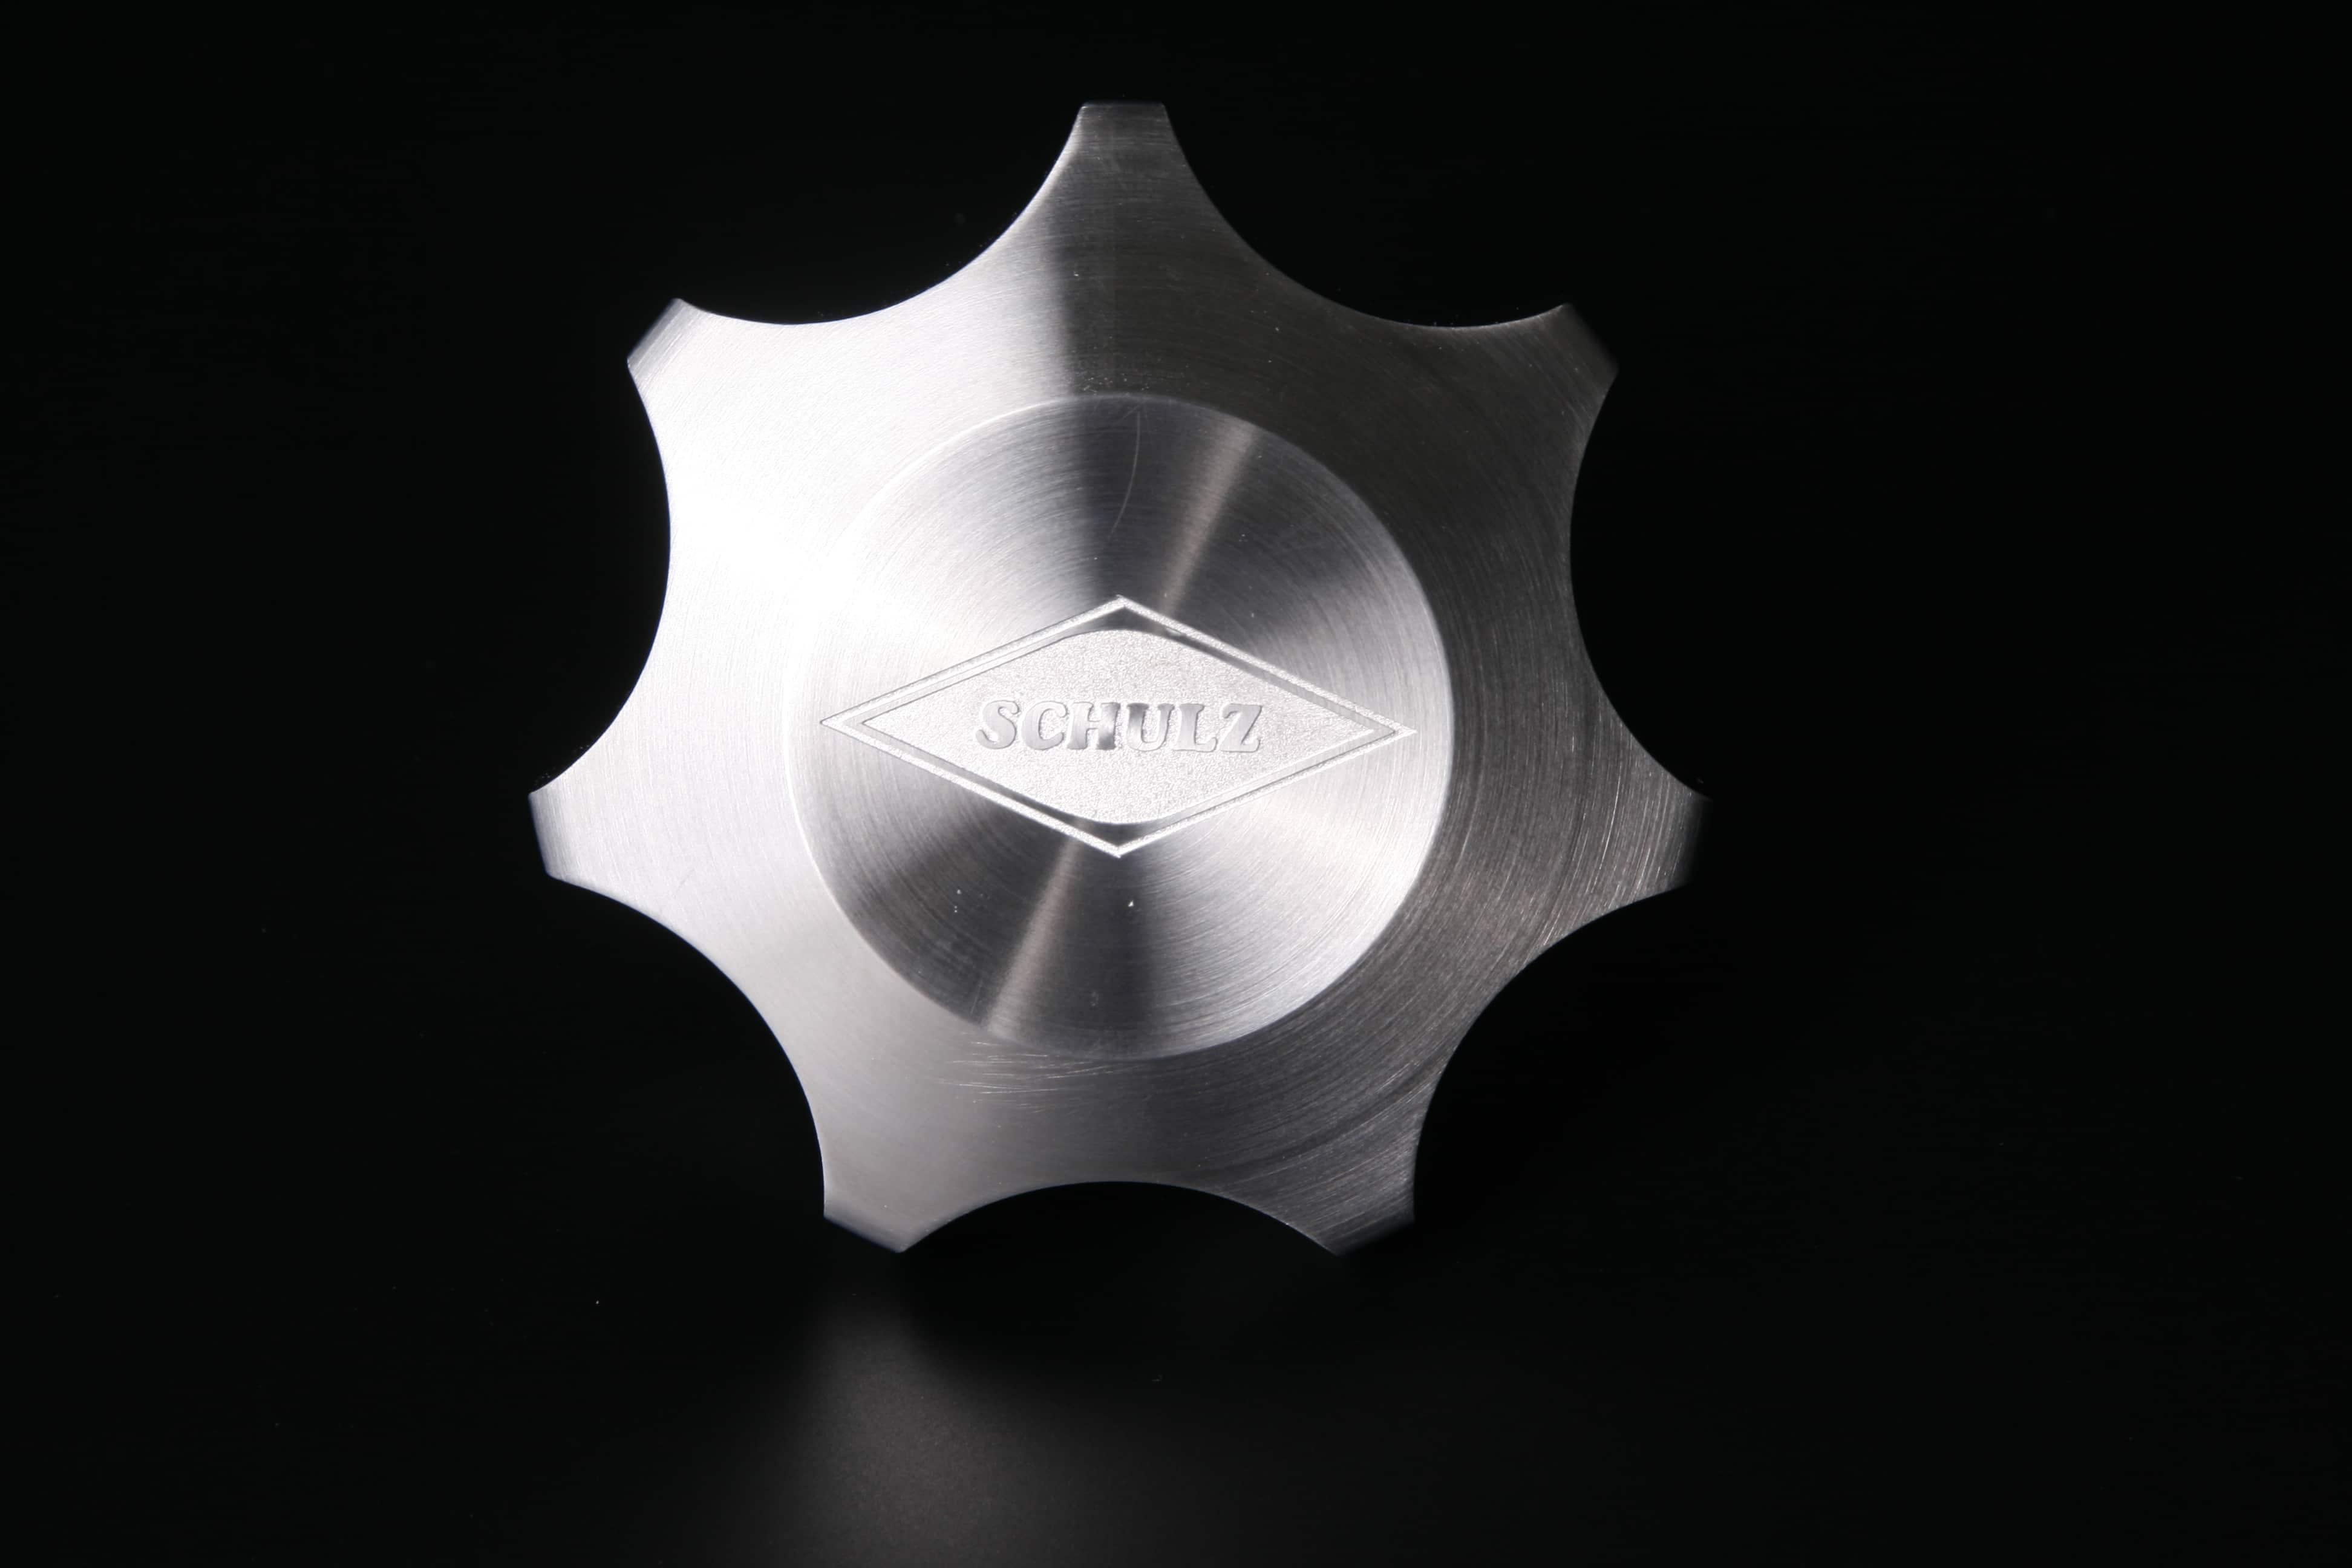 Ätztechnik: Absperrhahn aus Edelstahl mit Anätzung Logo